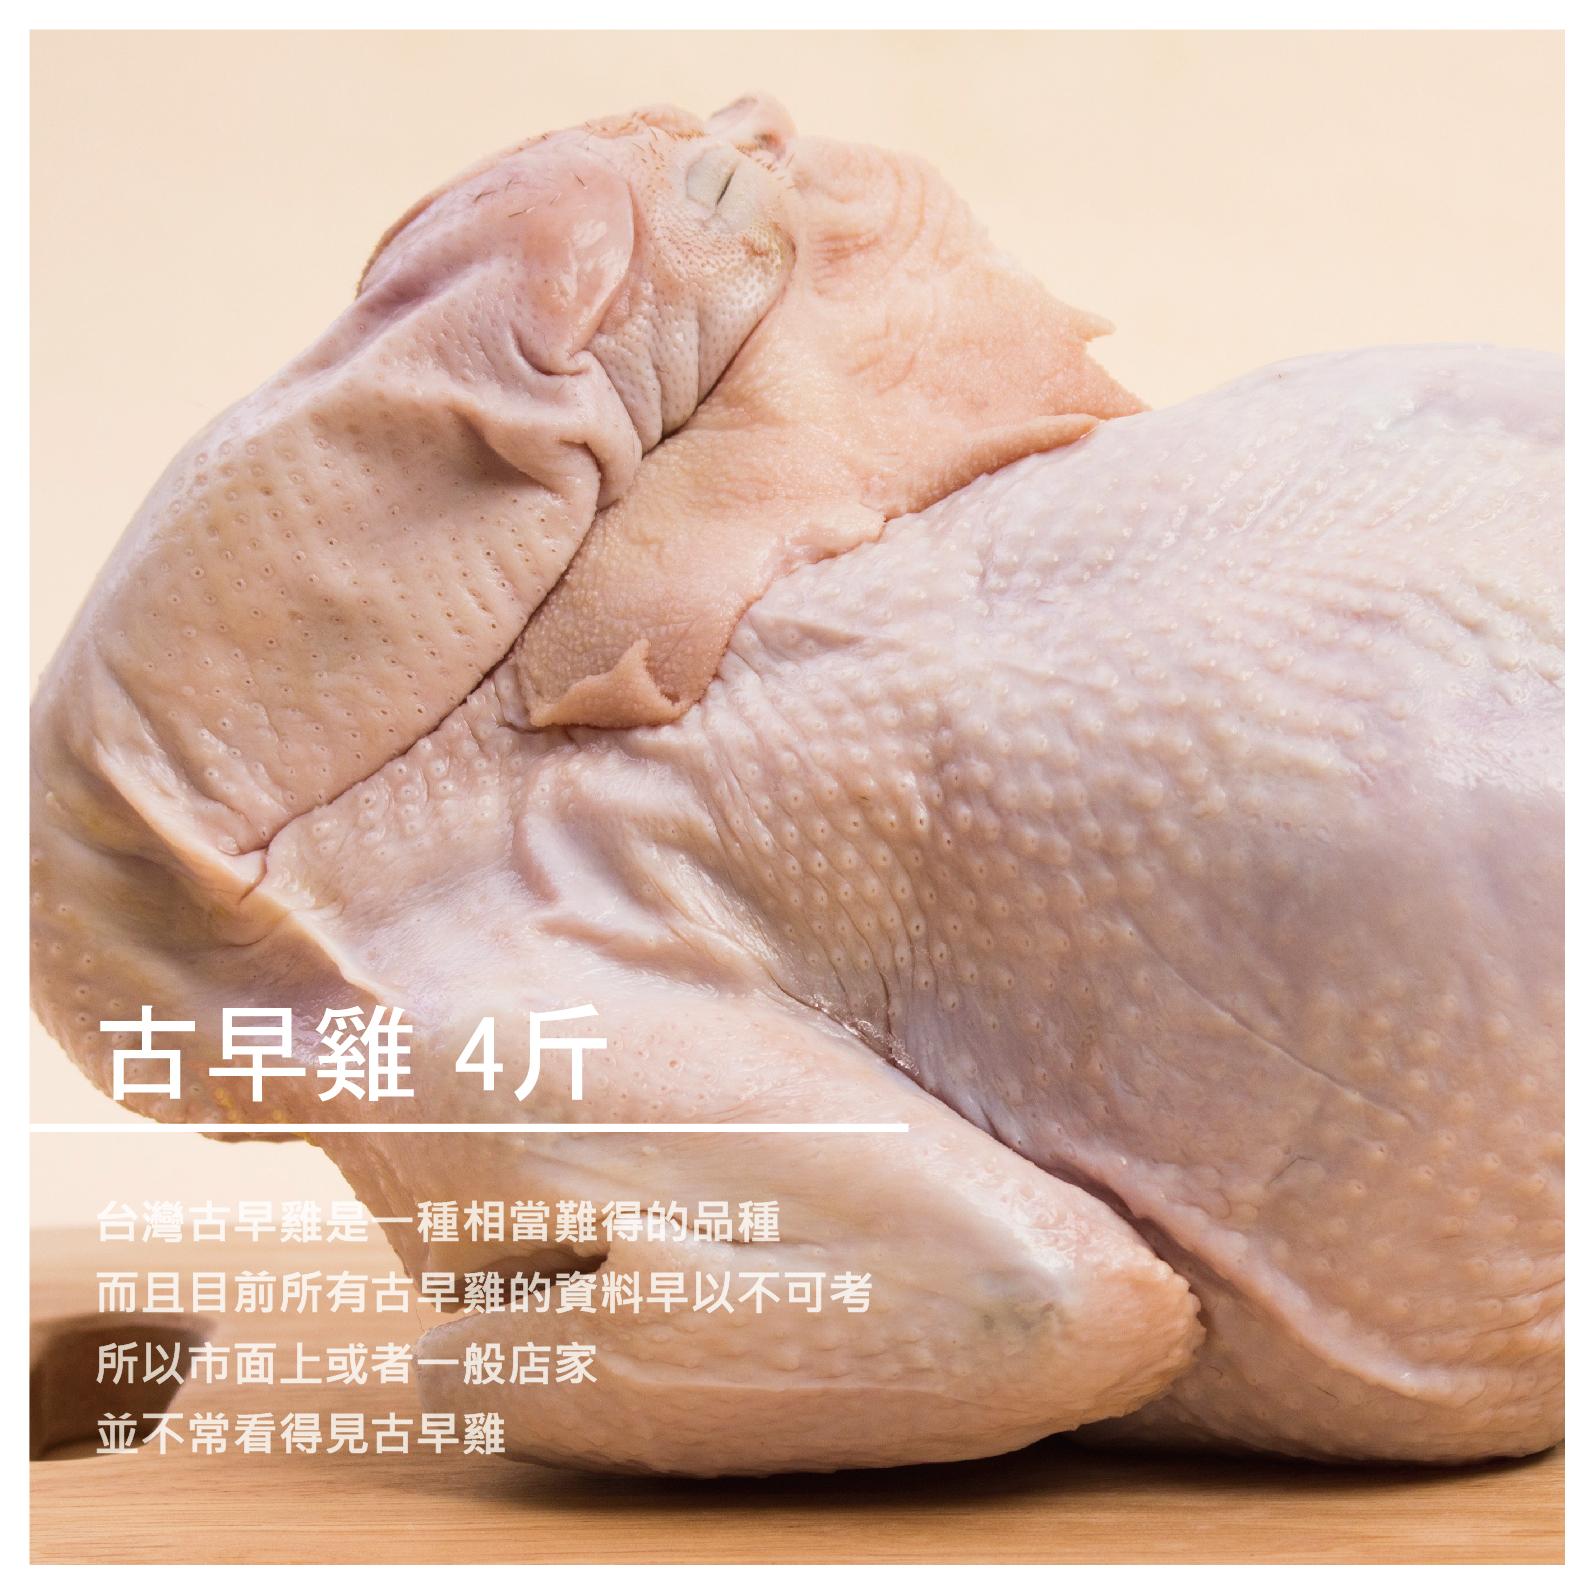 【禾心良食】古早雞 4斤